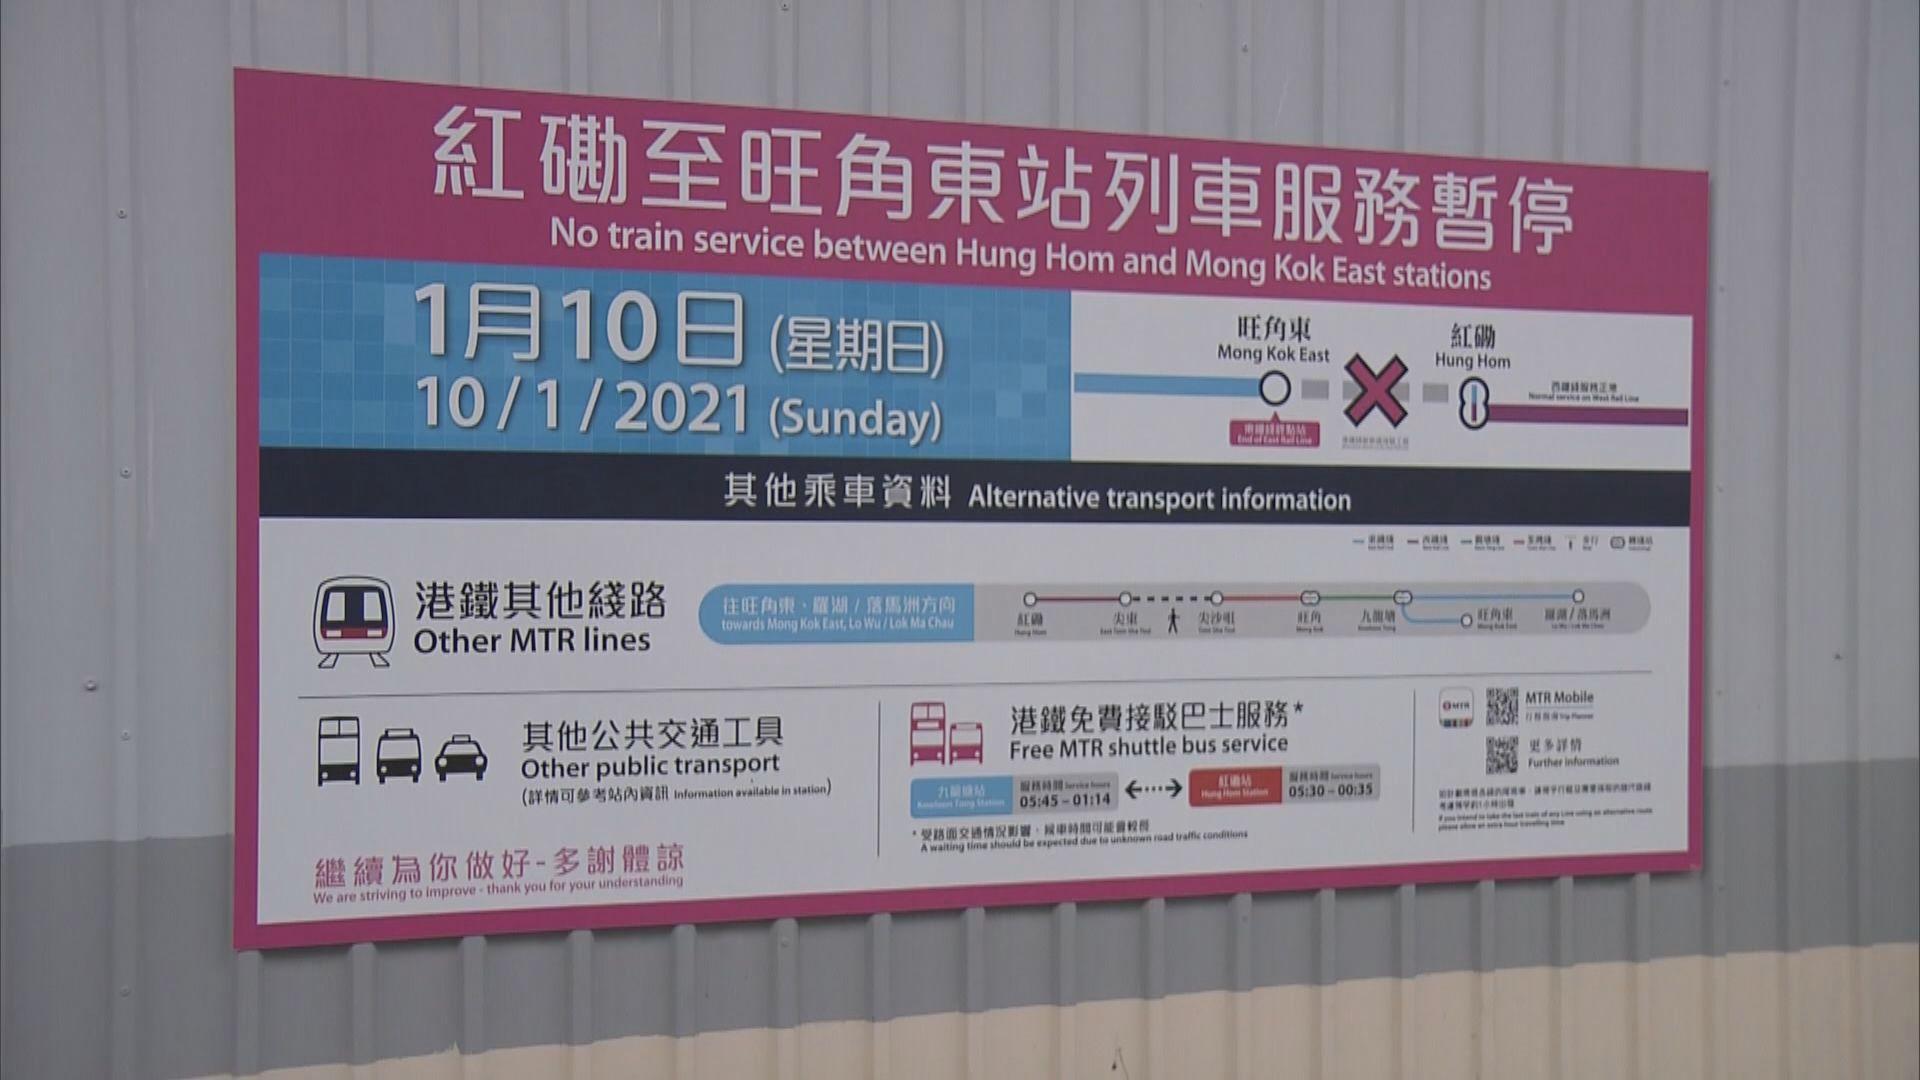 港鐵東鐵綫旺角東站至紅磡站列車服務今日暫停